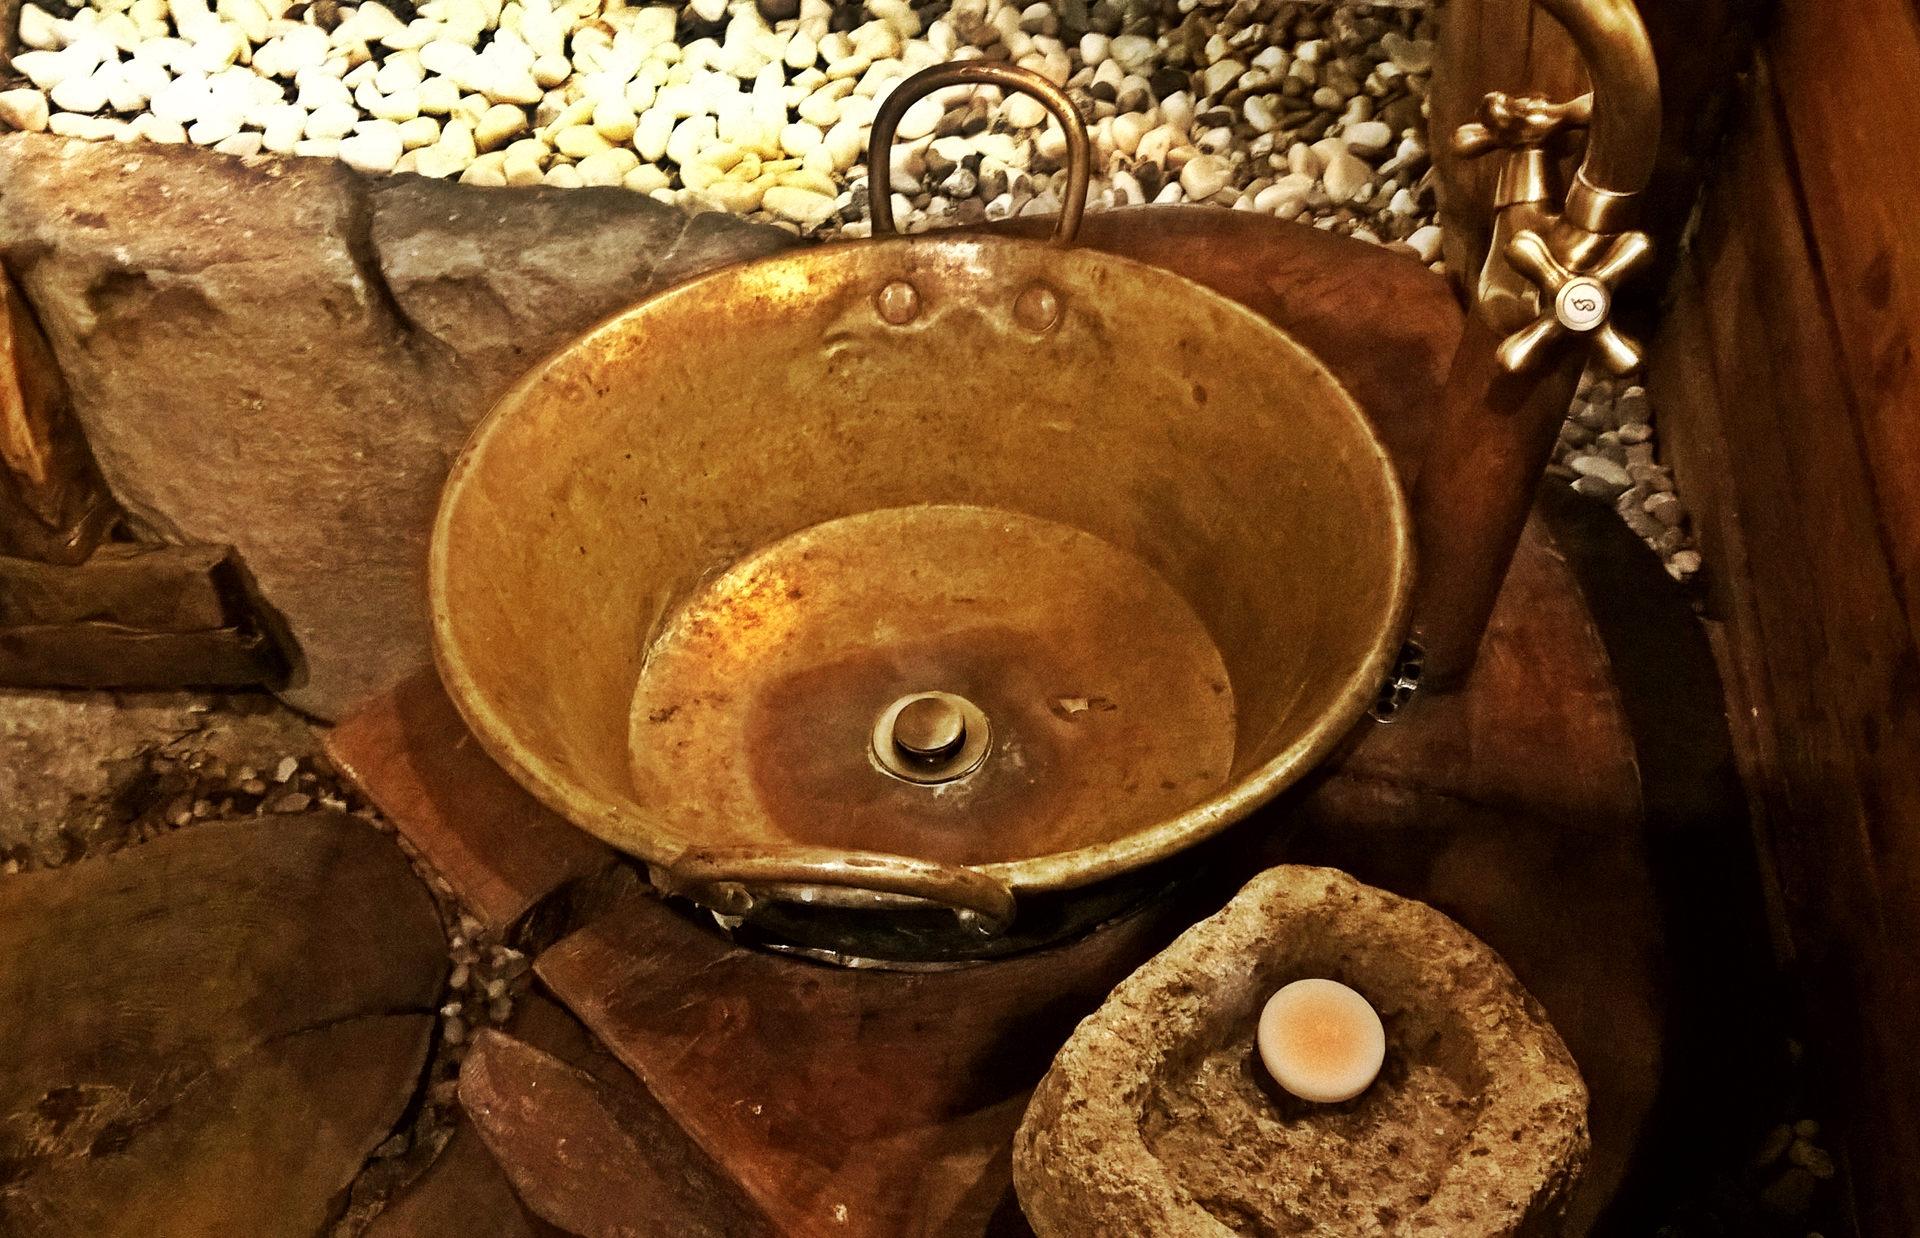 Lavatorio feito a partir de um tacho de cobre. Só tinha visto iguais na internet.